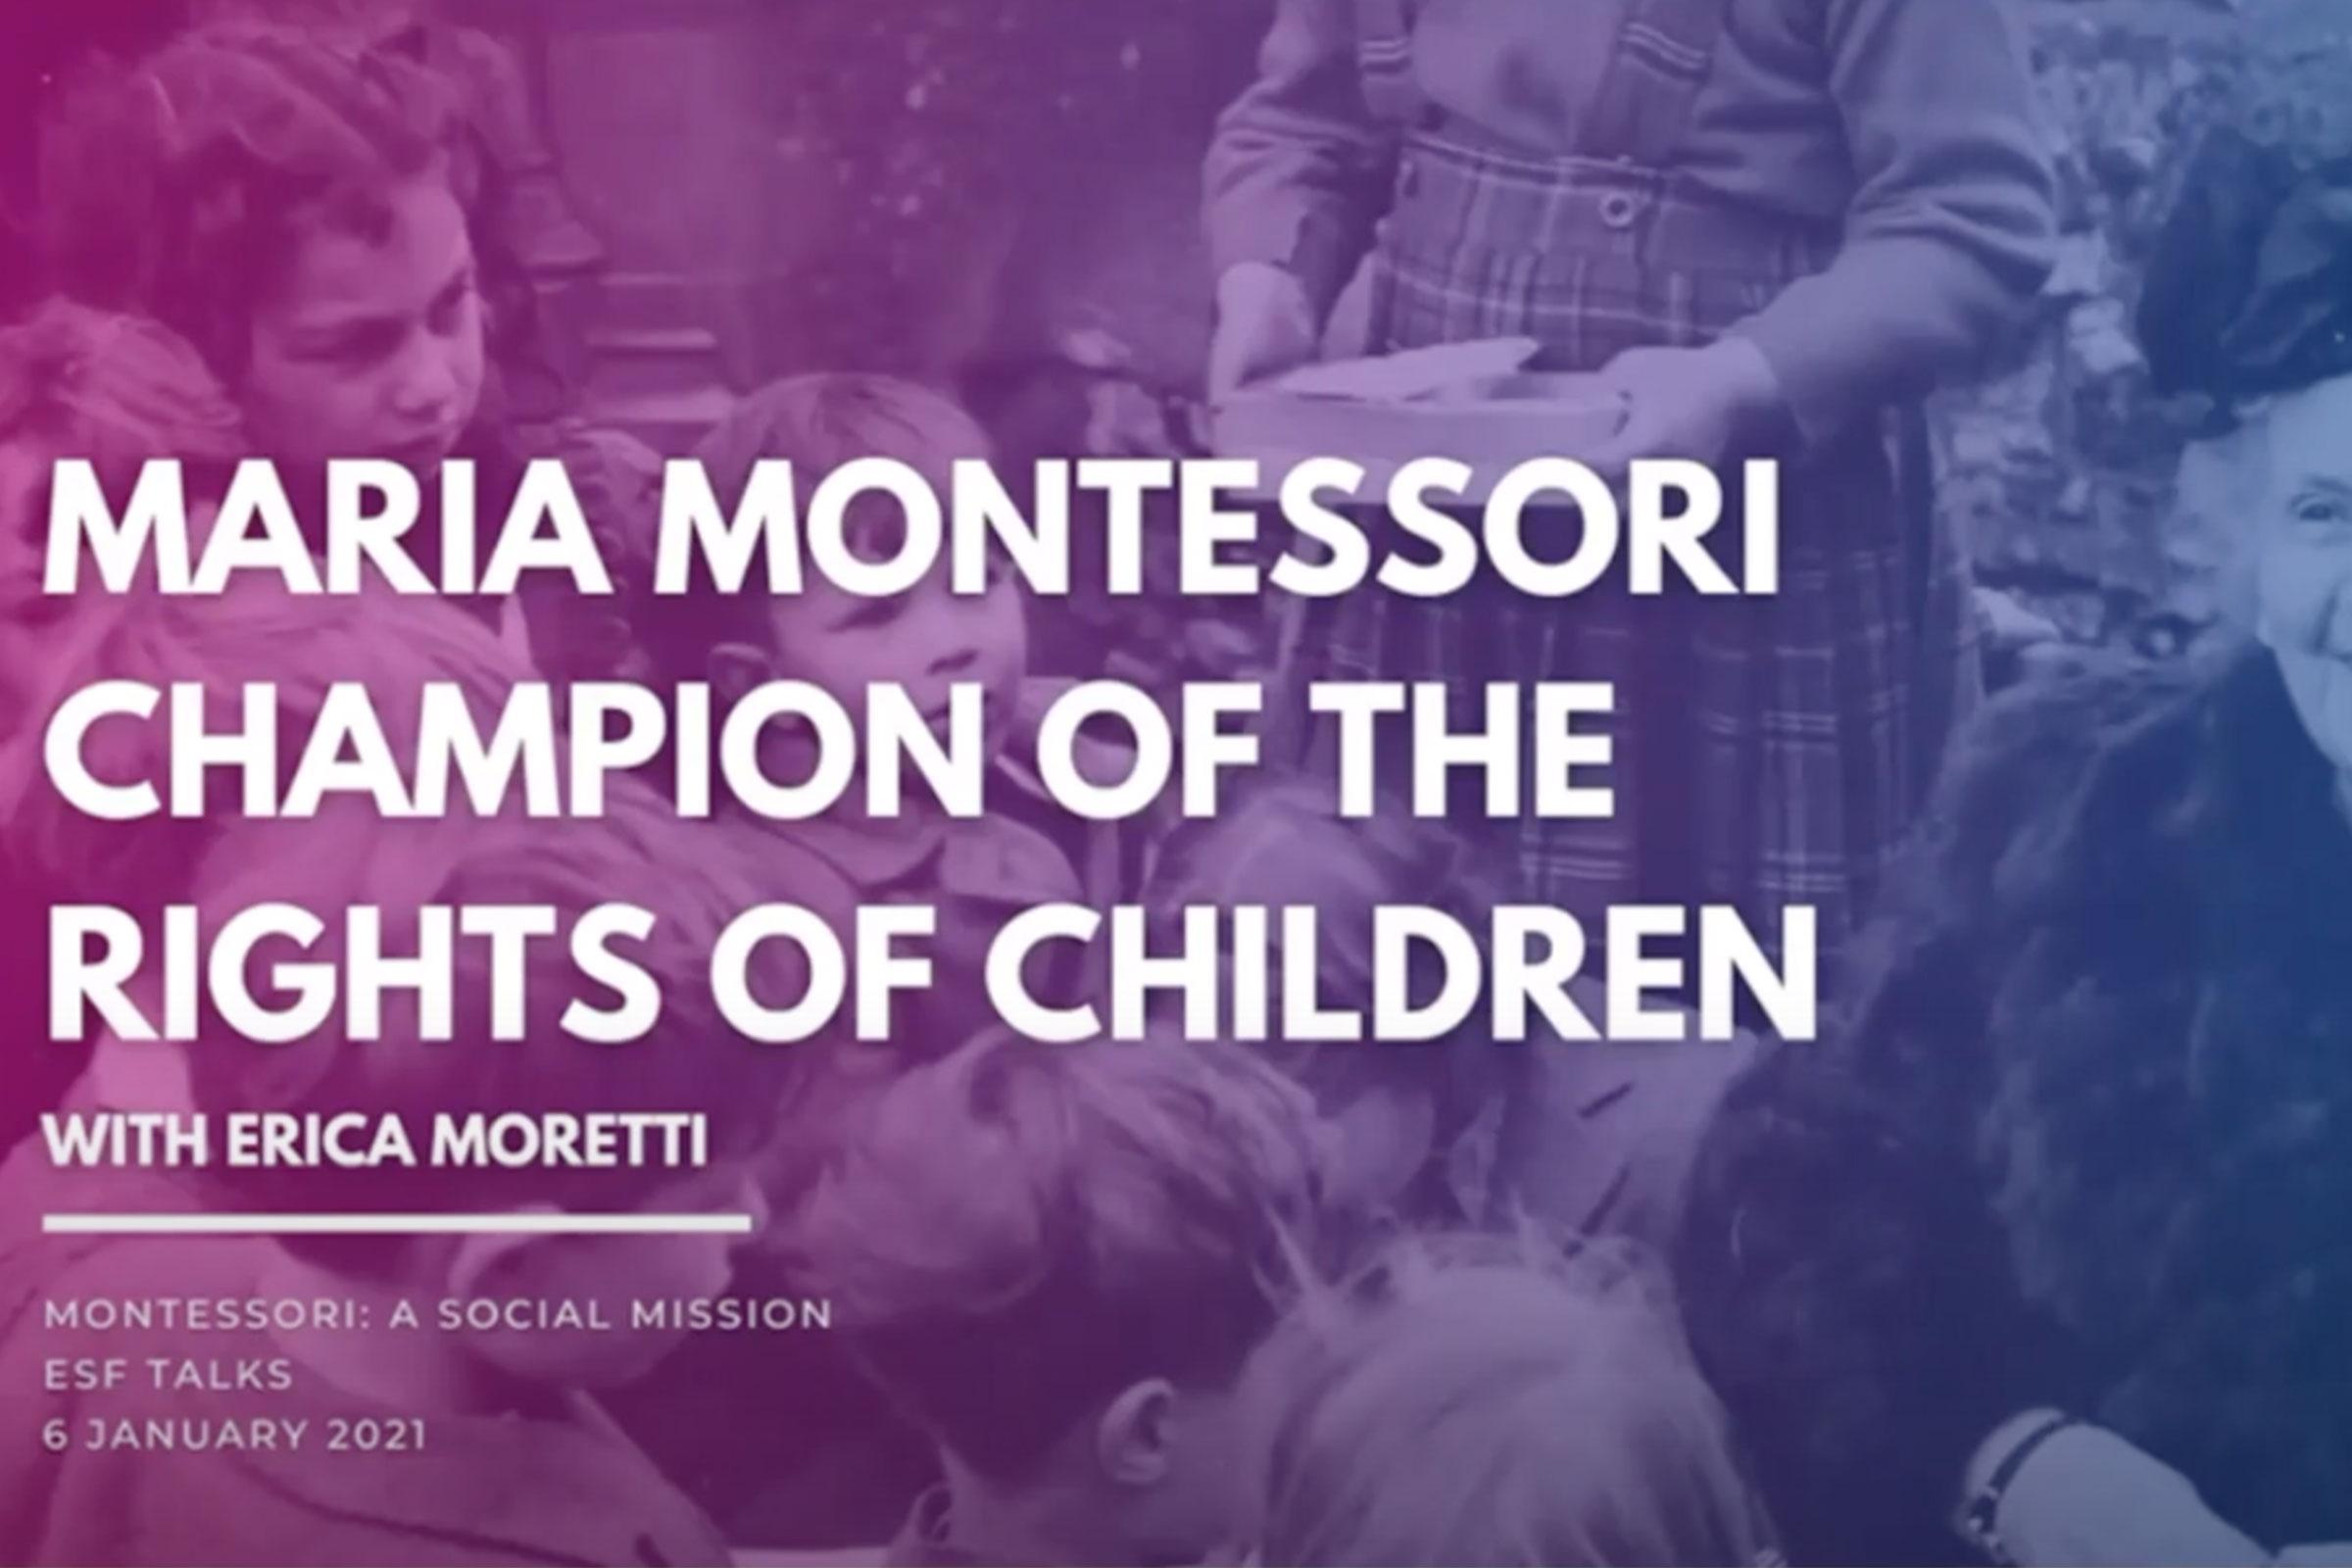 Maria Montessori Champion of the Rights of Children